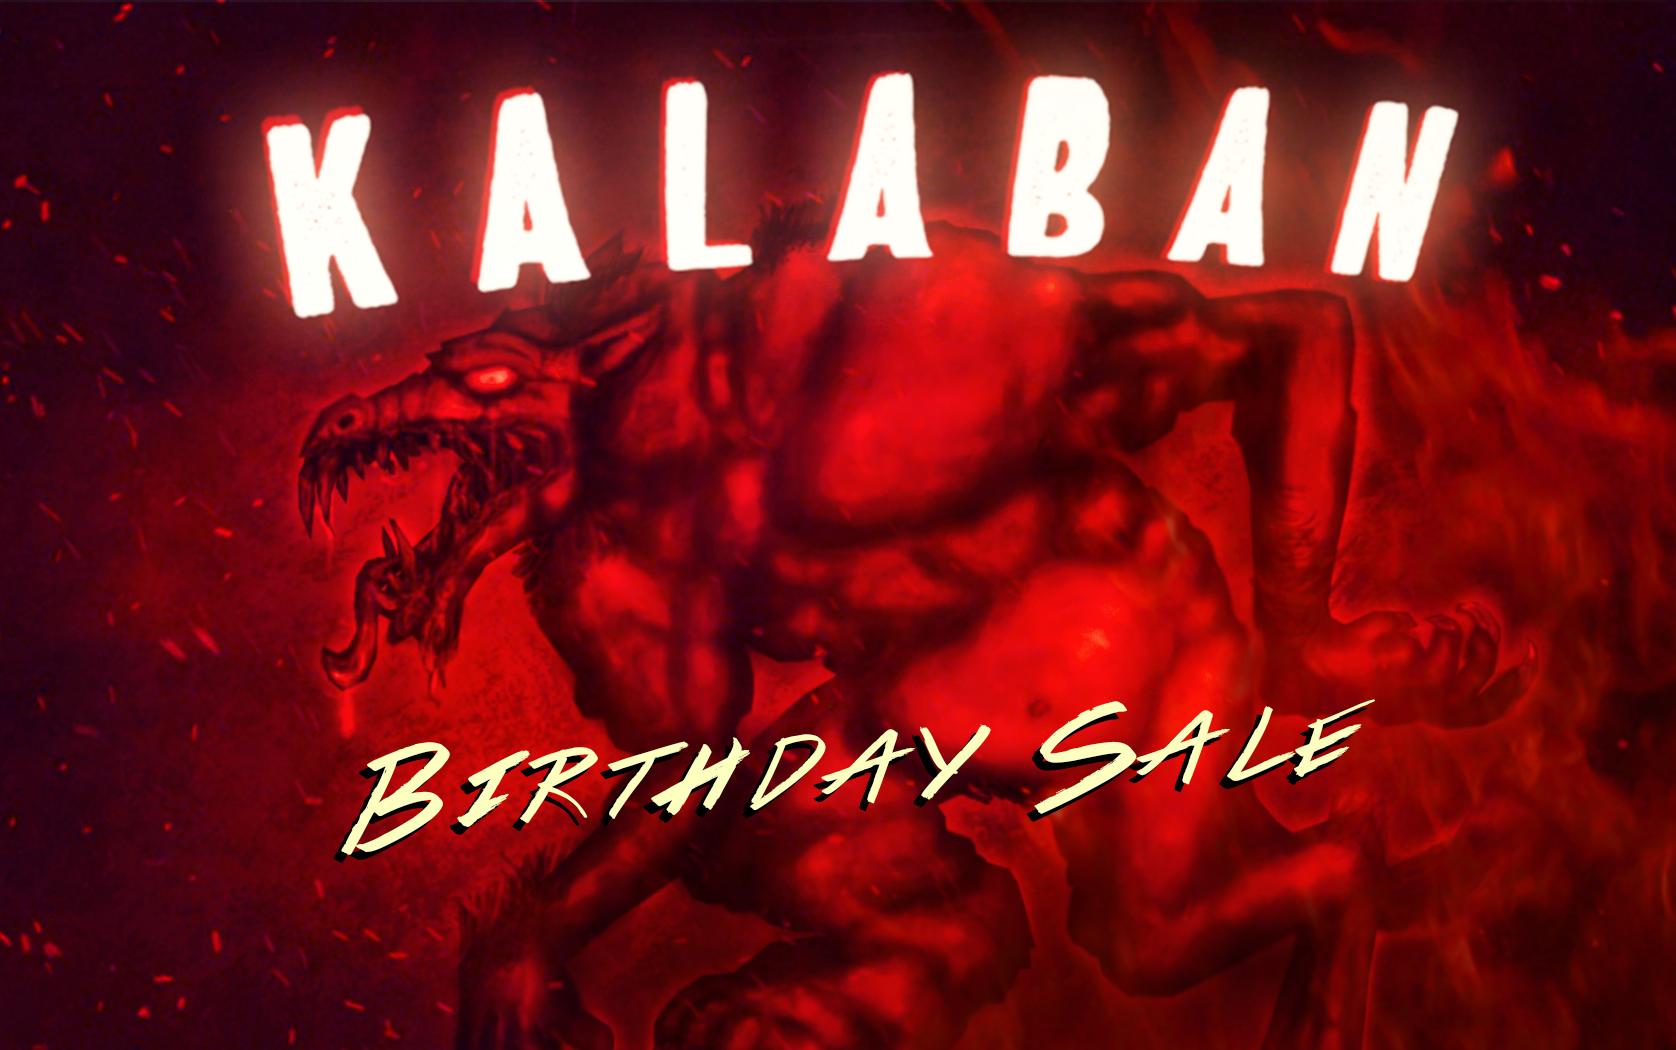 Promo BirthdaySale v2